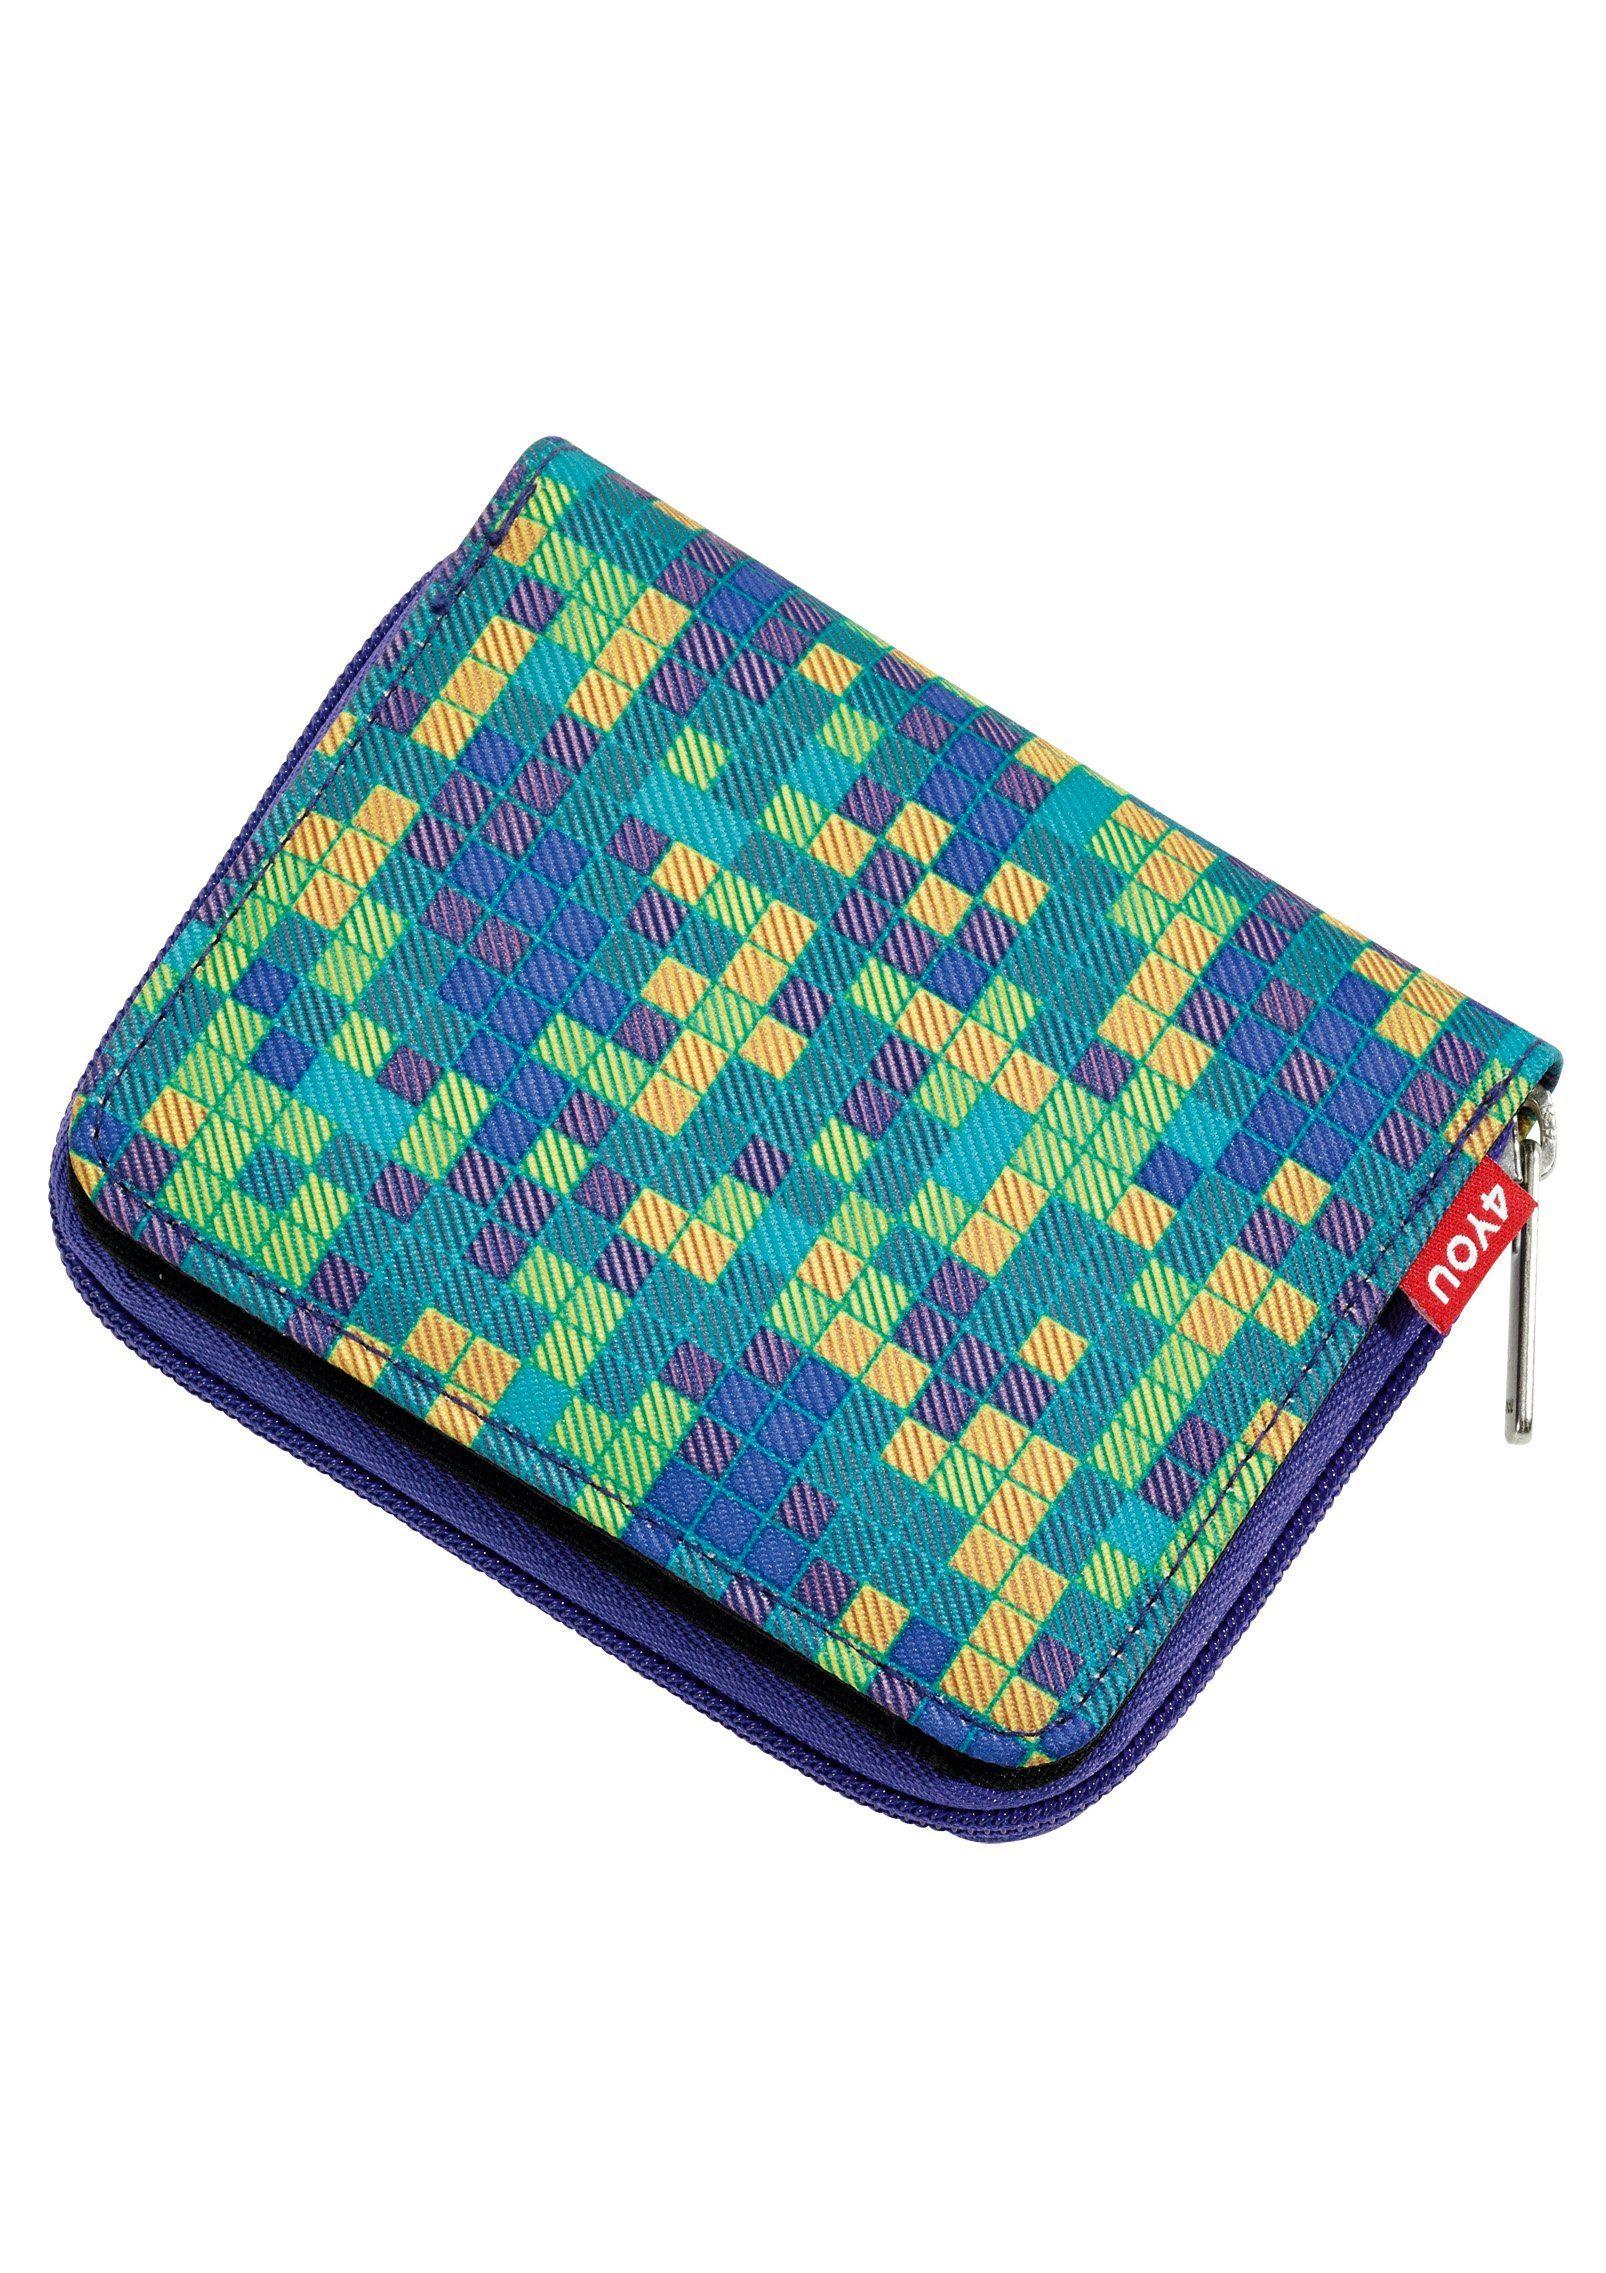 4YOU Geldbörse mit Reißverschluss, Pixel Smaragd, »Zipper Wallet«